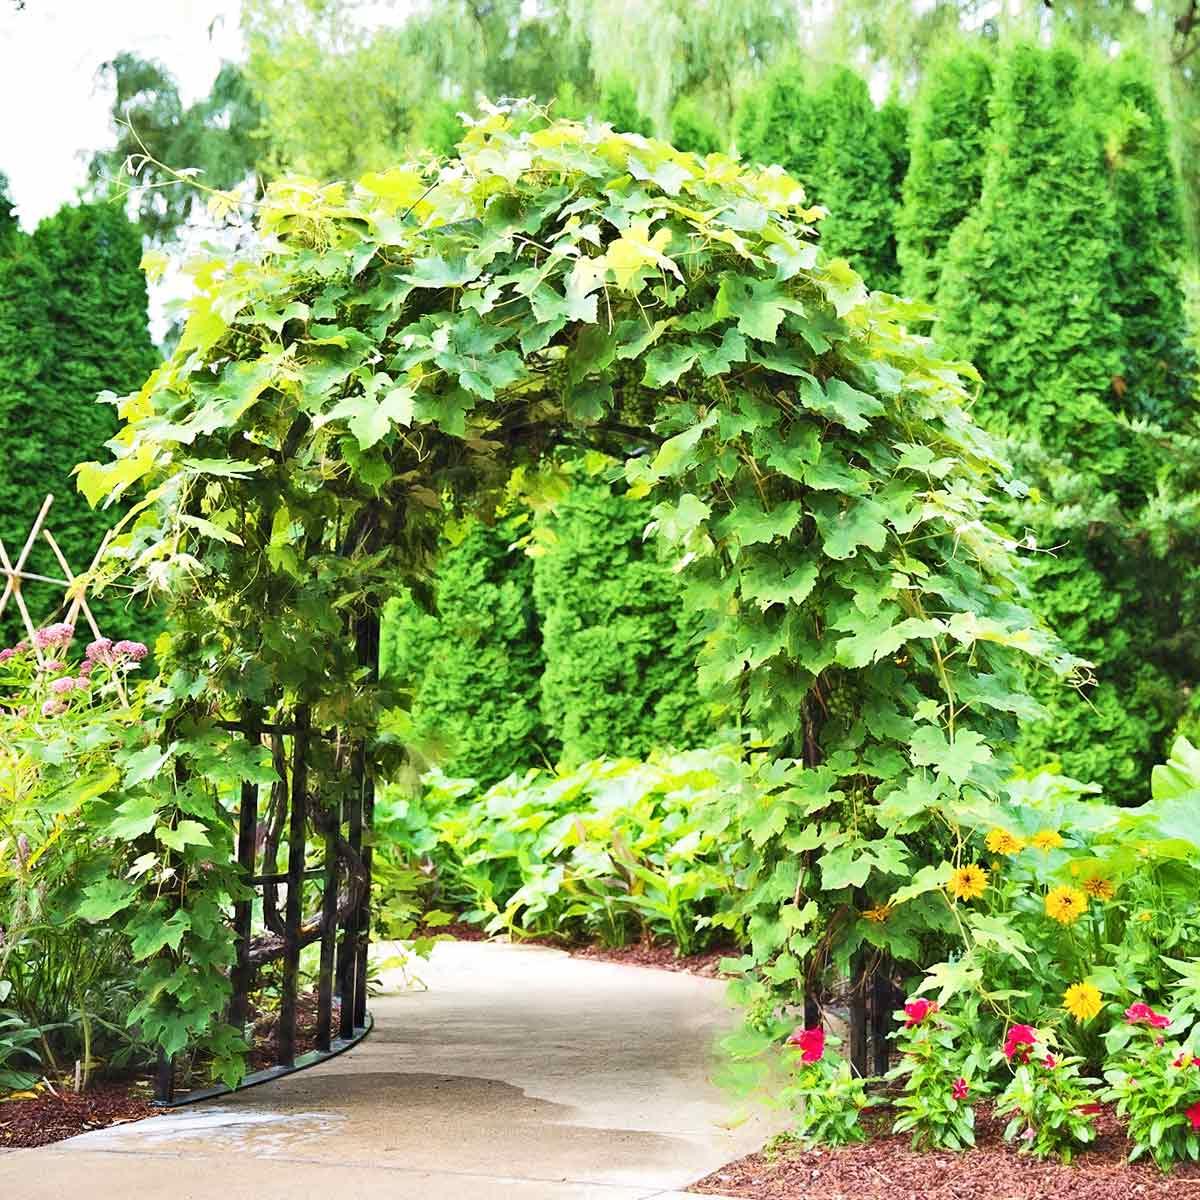 Pergola, Tonnelle Et Arche De Jardin | Jardins-Animes encequiconcerne Arche En Fer Forgé Pour Jardin